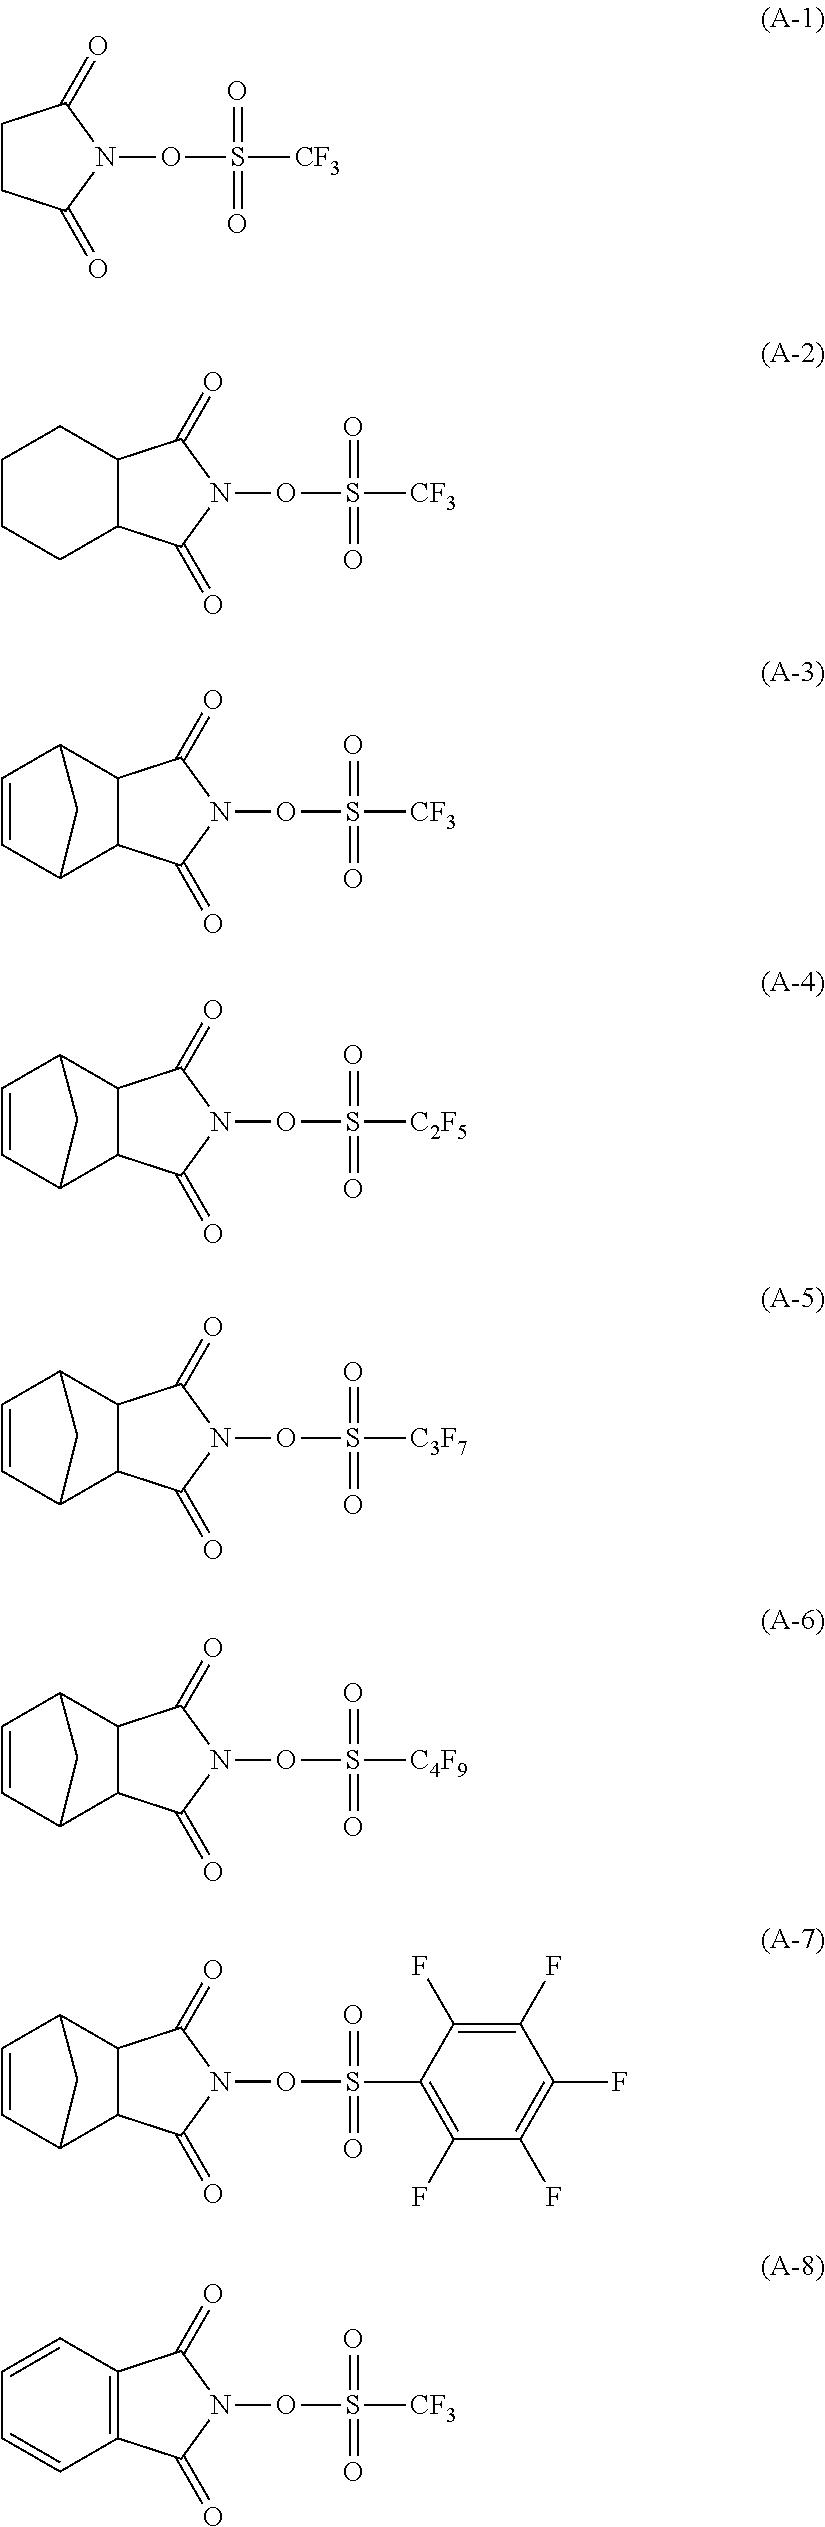 Figure US09857716-20180102-C00005